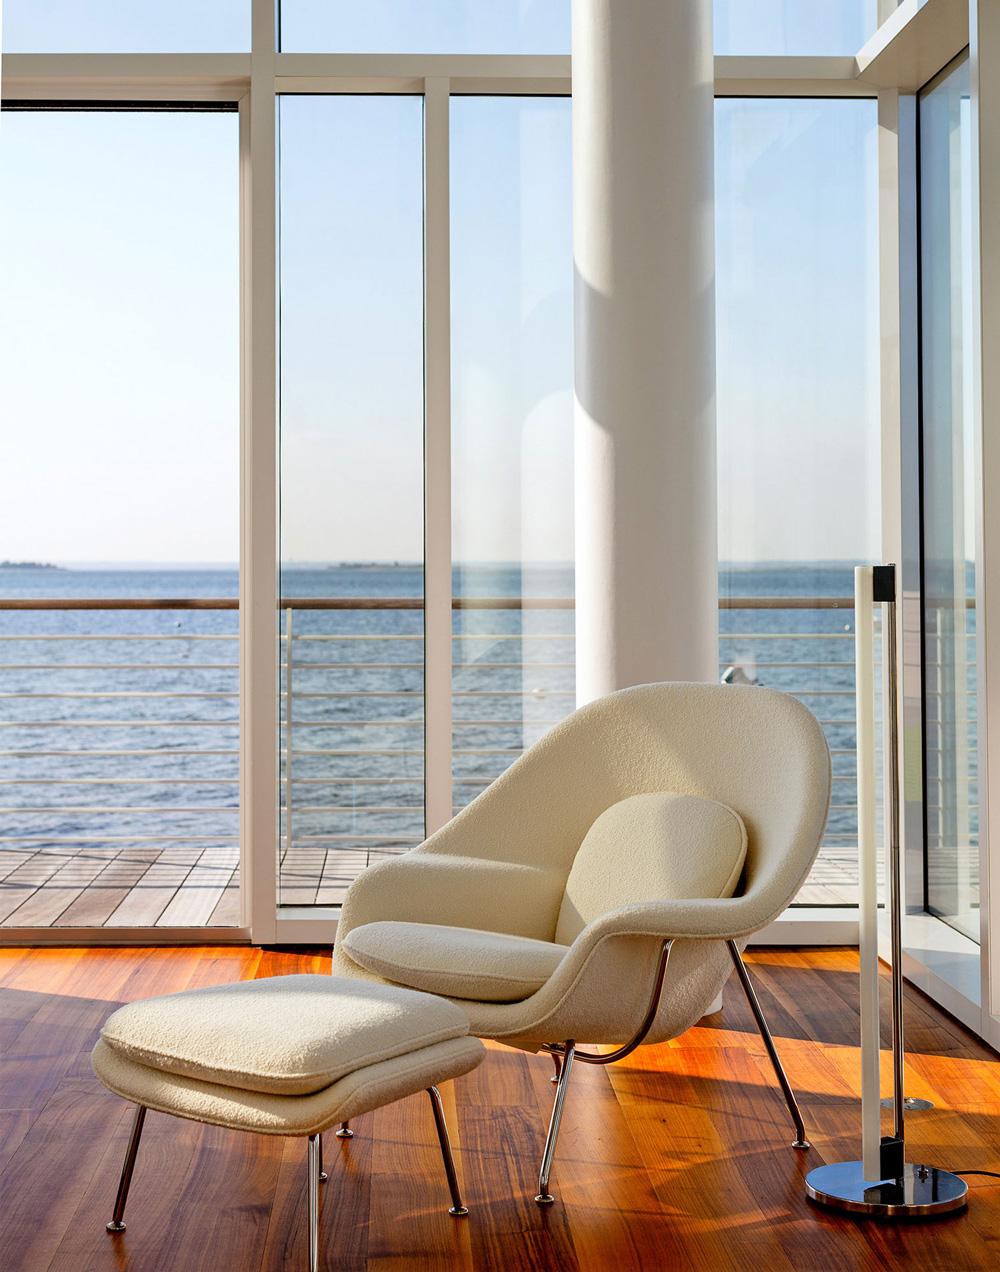 Wood Floors, Ocean Views, Lighting, Seating, Richard Meier's Fire Island House